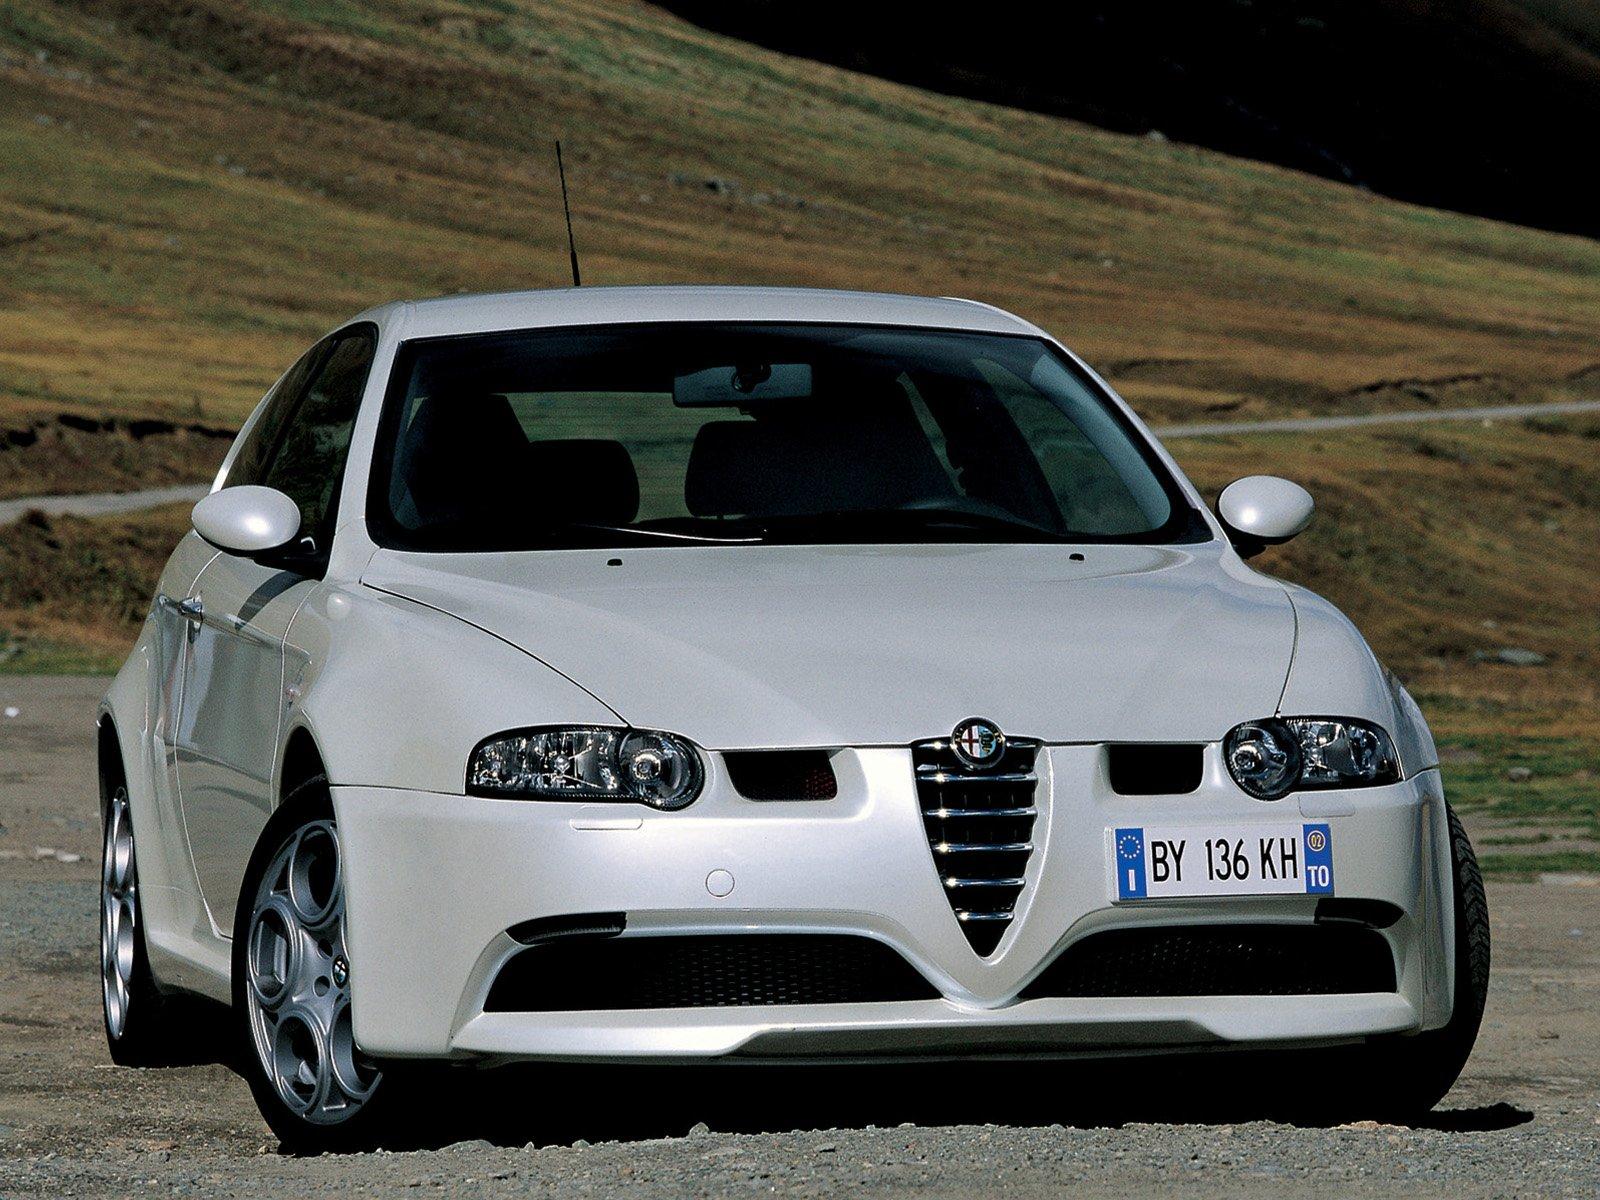 http://1.bp.blogspot.com/-_VU2egtonXA/Tnkfr7PSUSI/AAAAAAAAAB0/hJ9TBs16upc/s1600/Alfa-Romeo-147-GTA-042.jpg